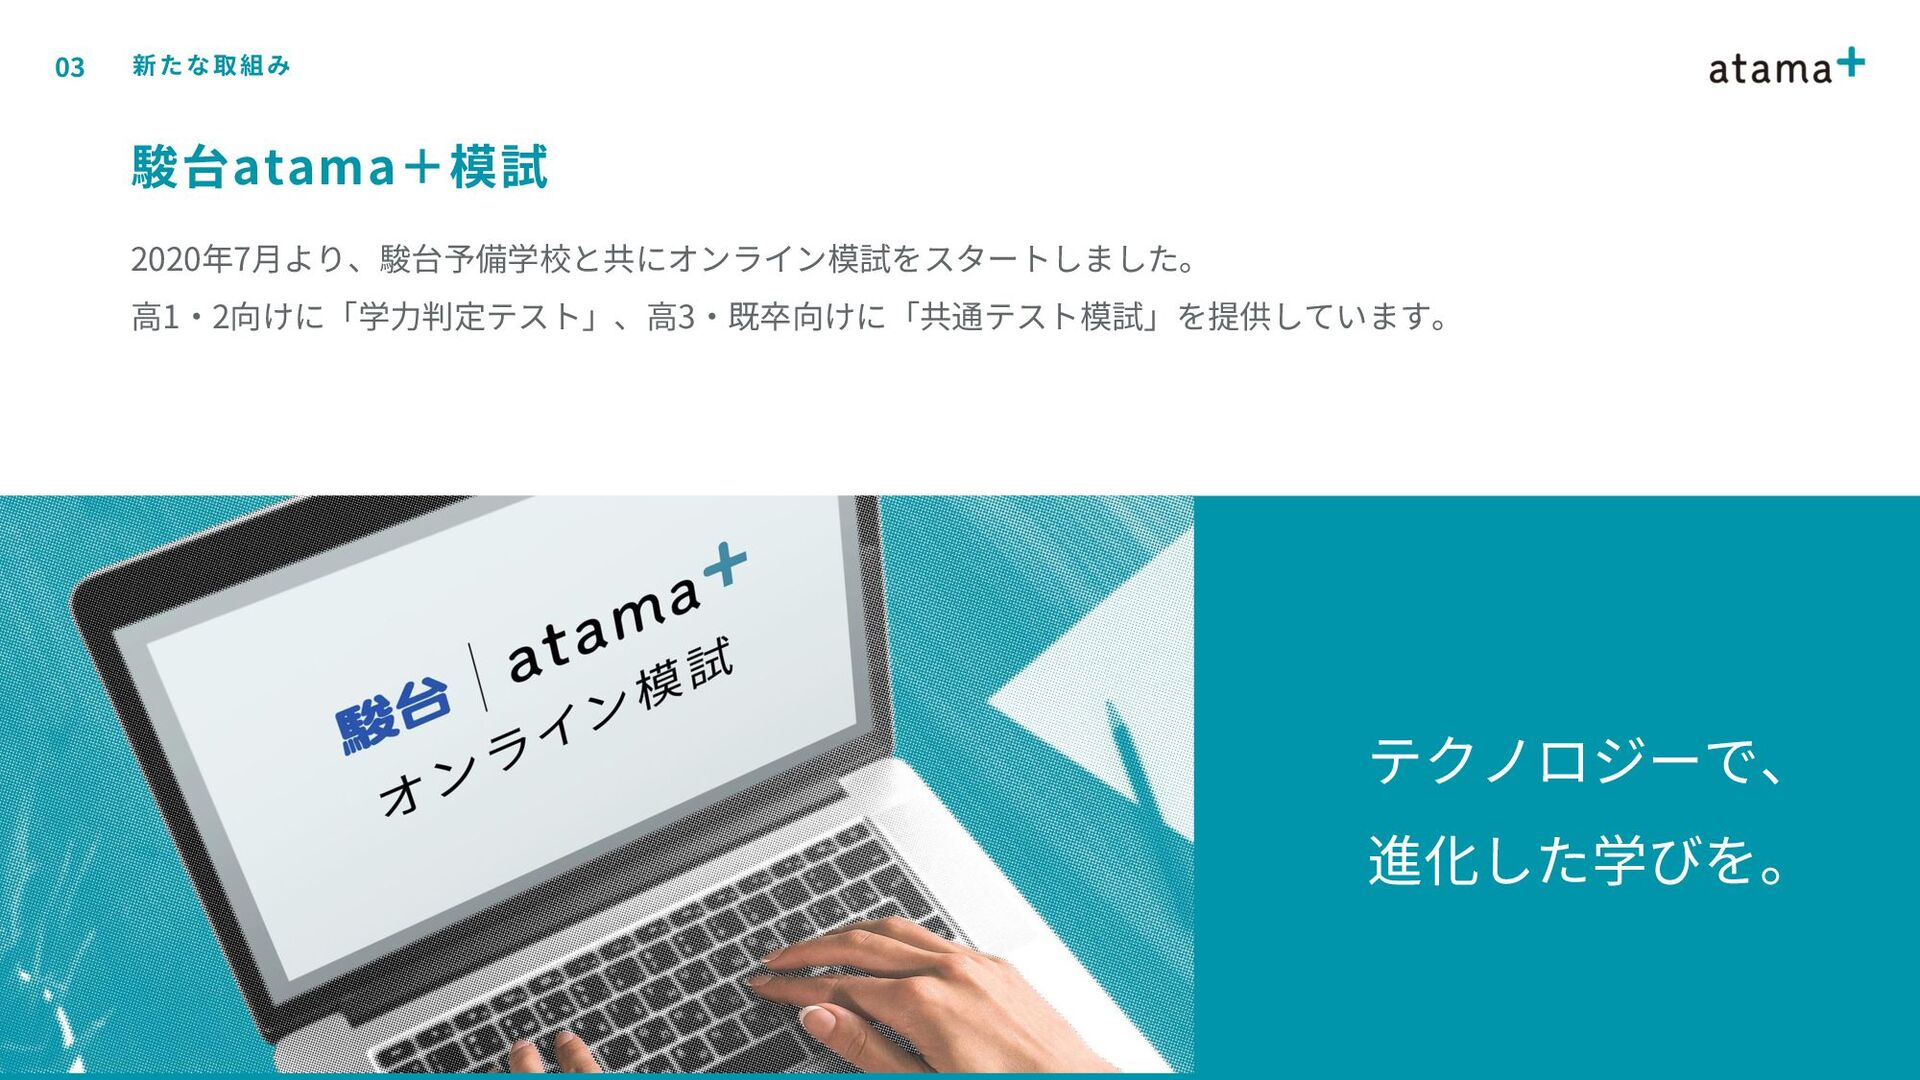 駿台atama+共通テスト模試 02 2020年7月より、駿台予備学校と共にオンライン模試をス...